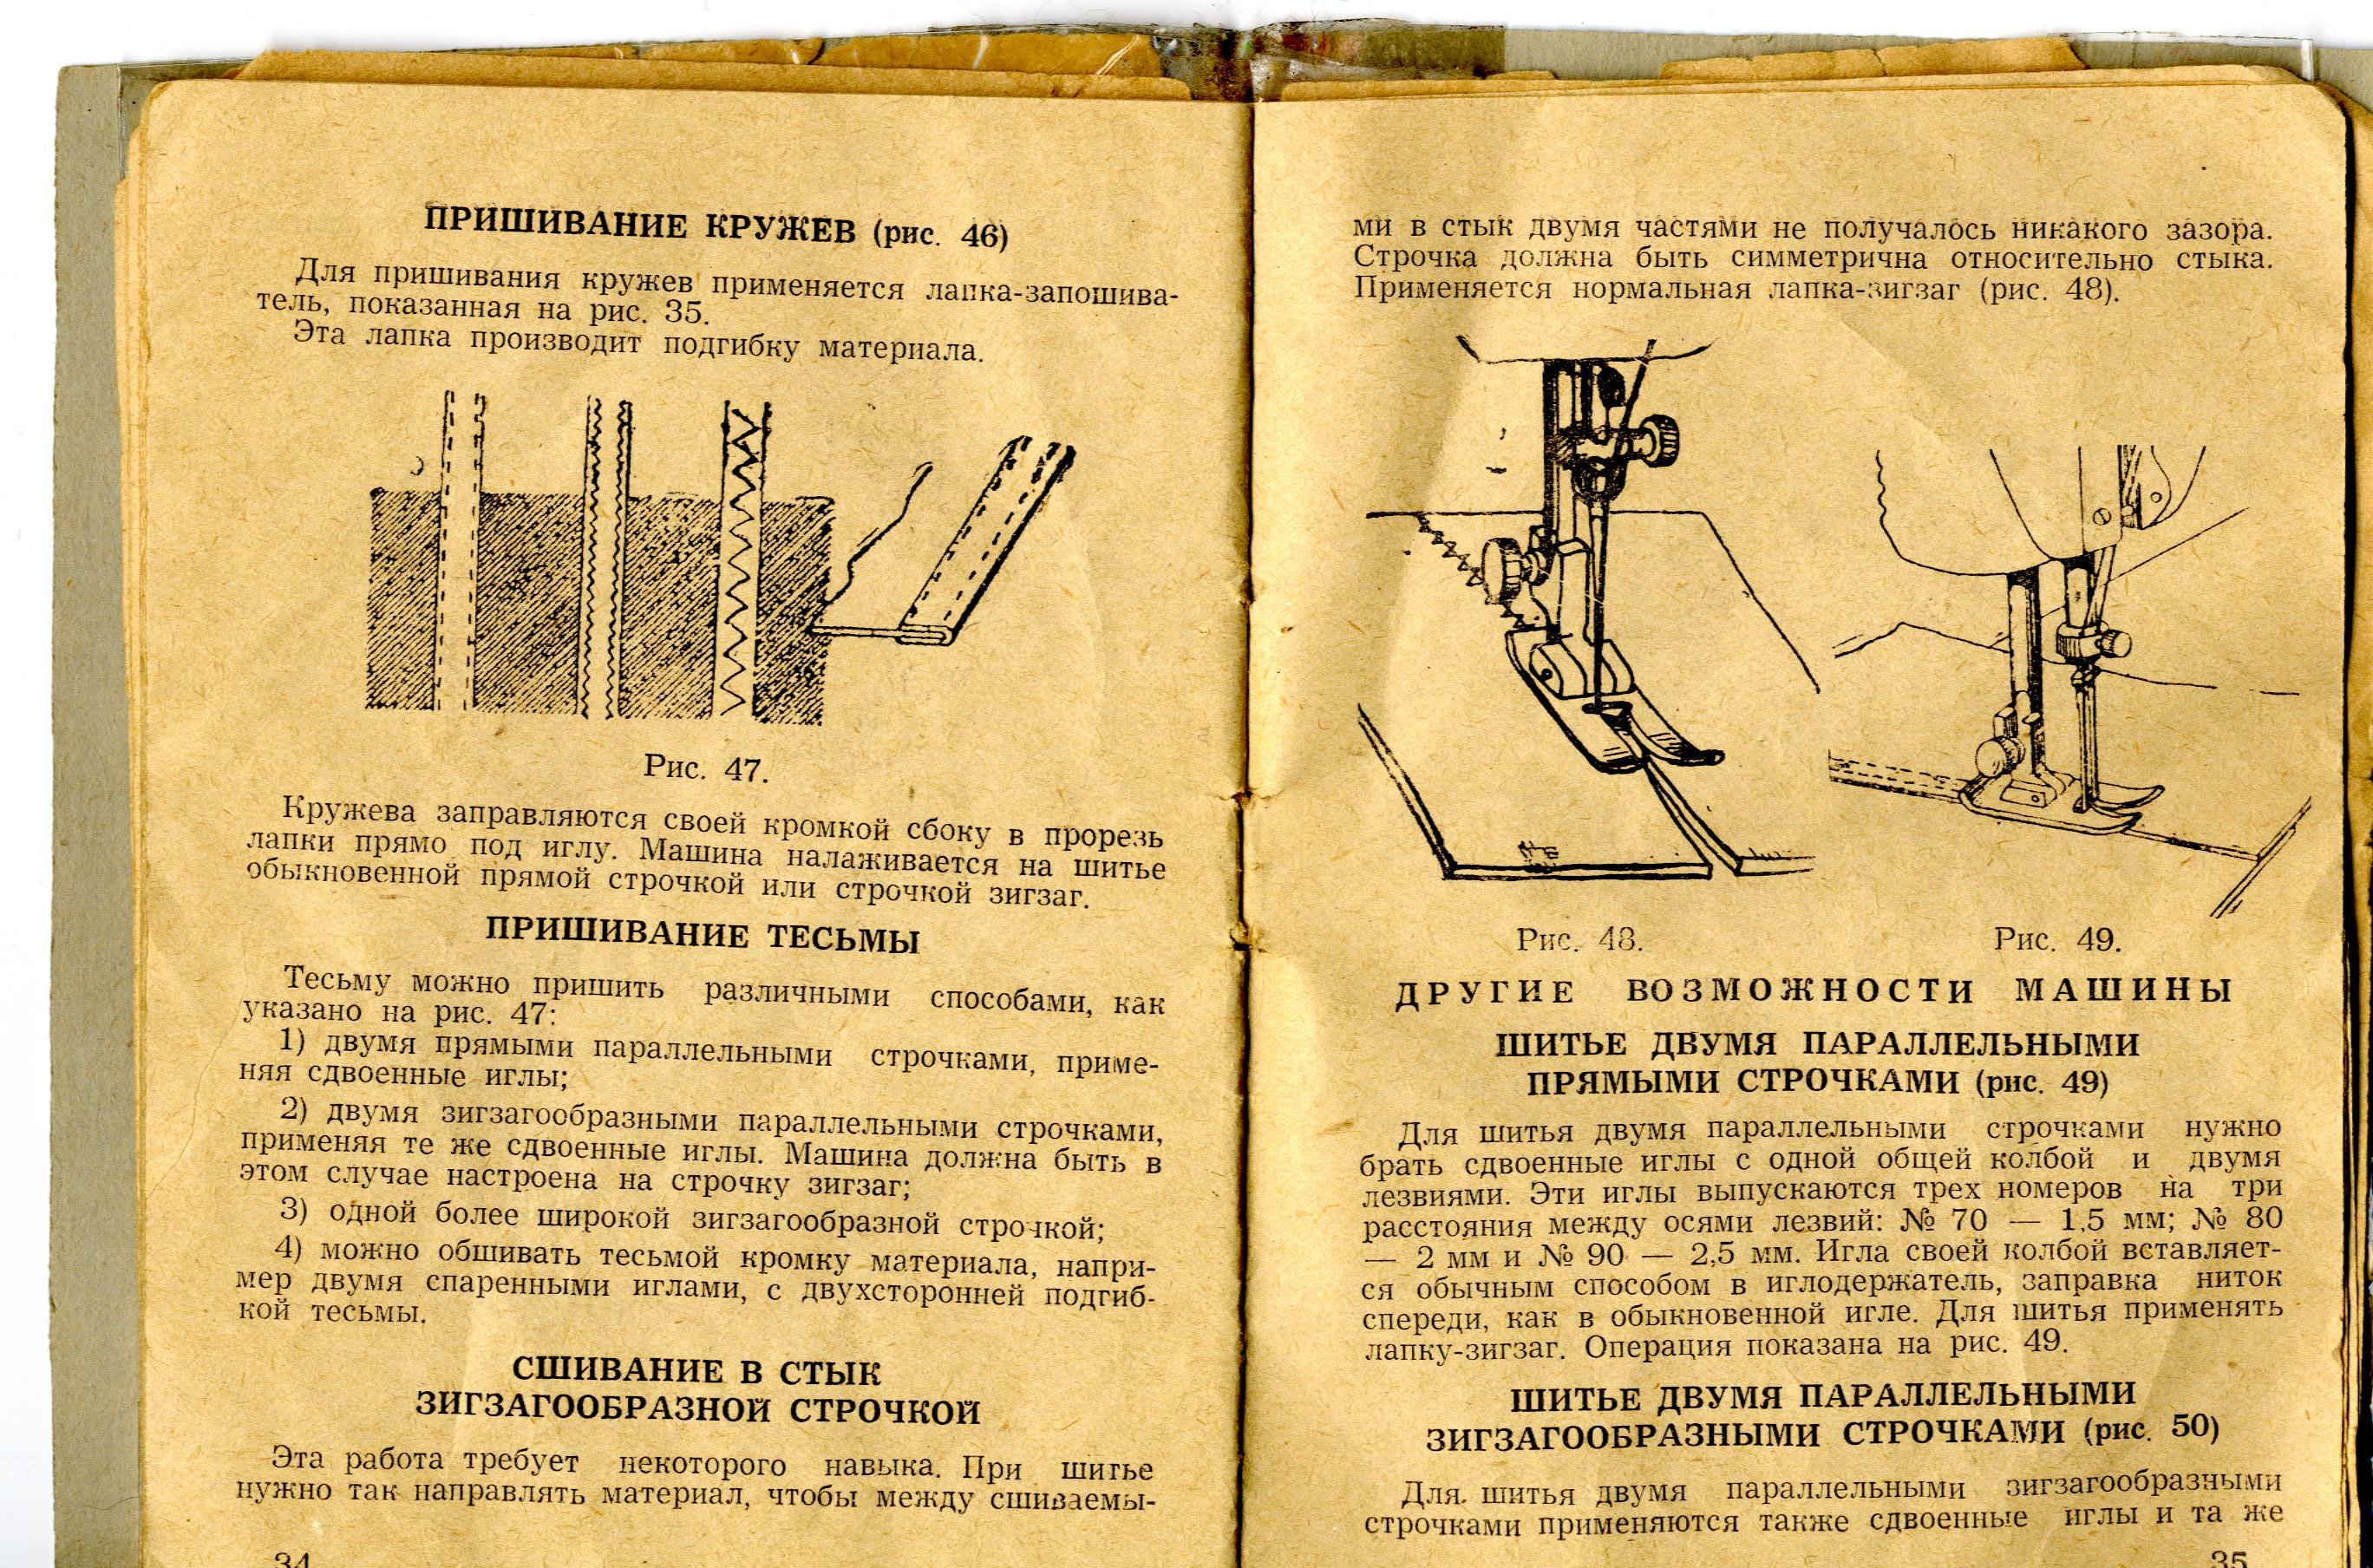 инструкция к швейной машинке подольск